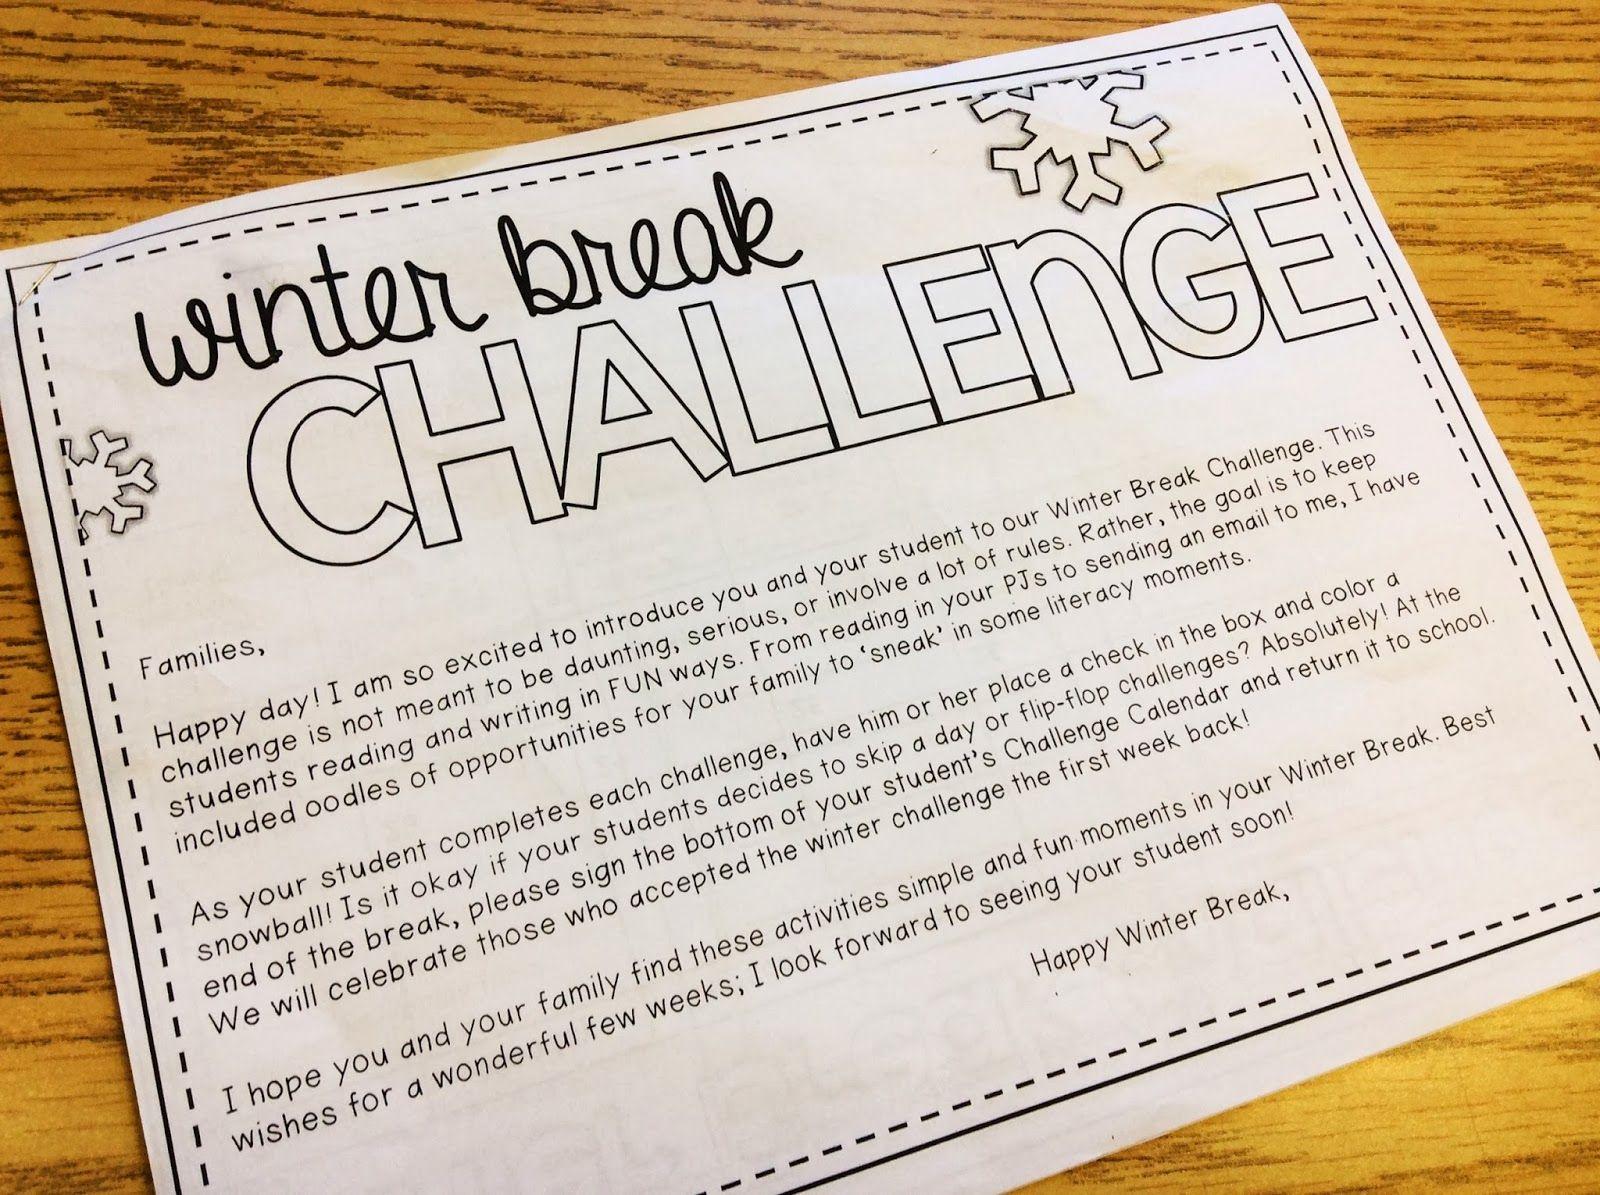 Winter Break Challenge Re Cap